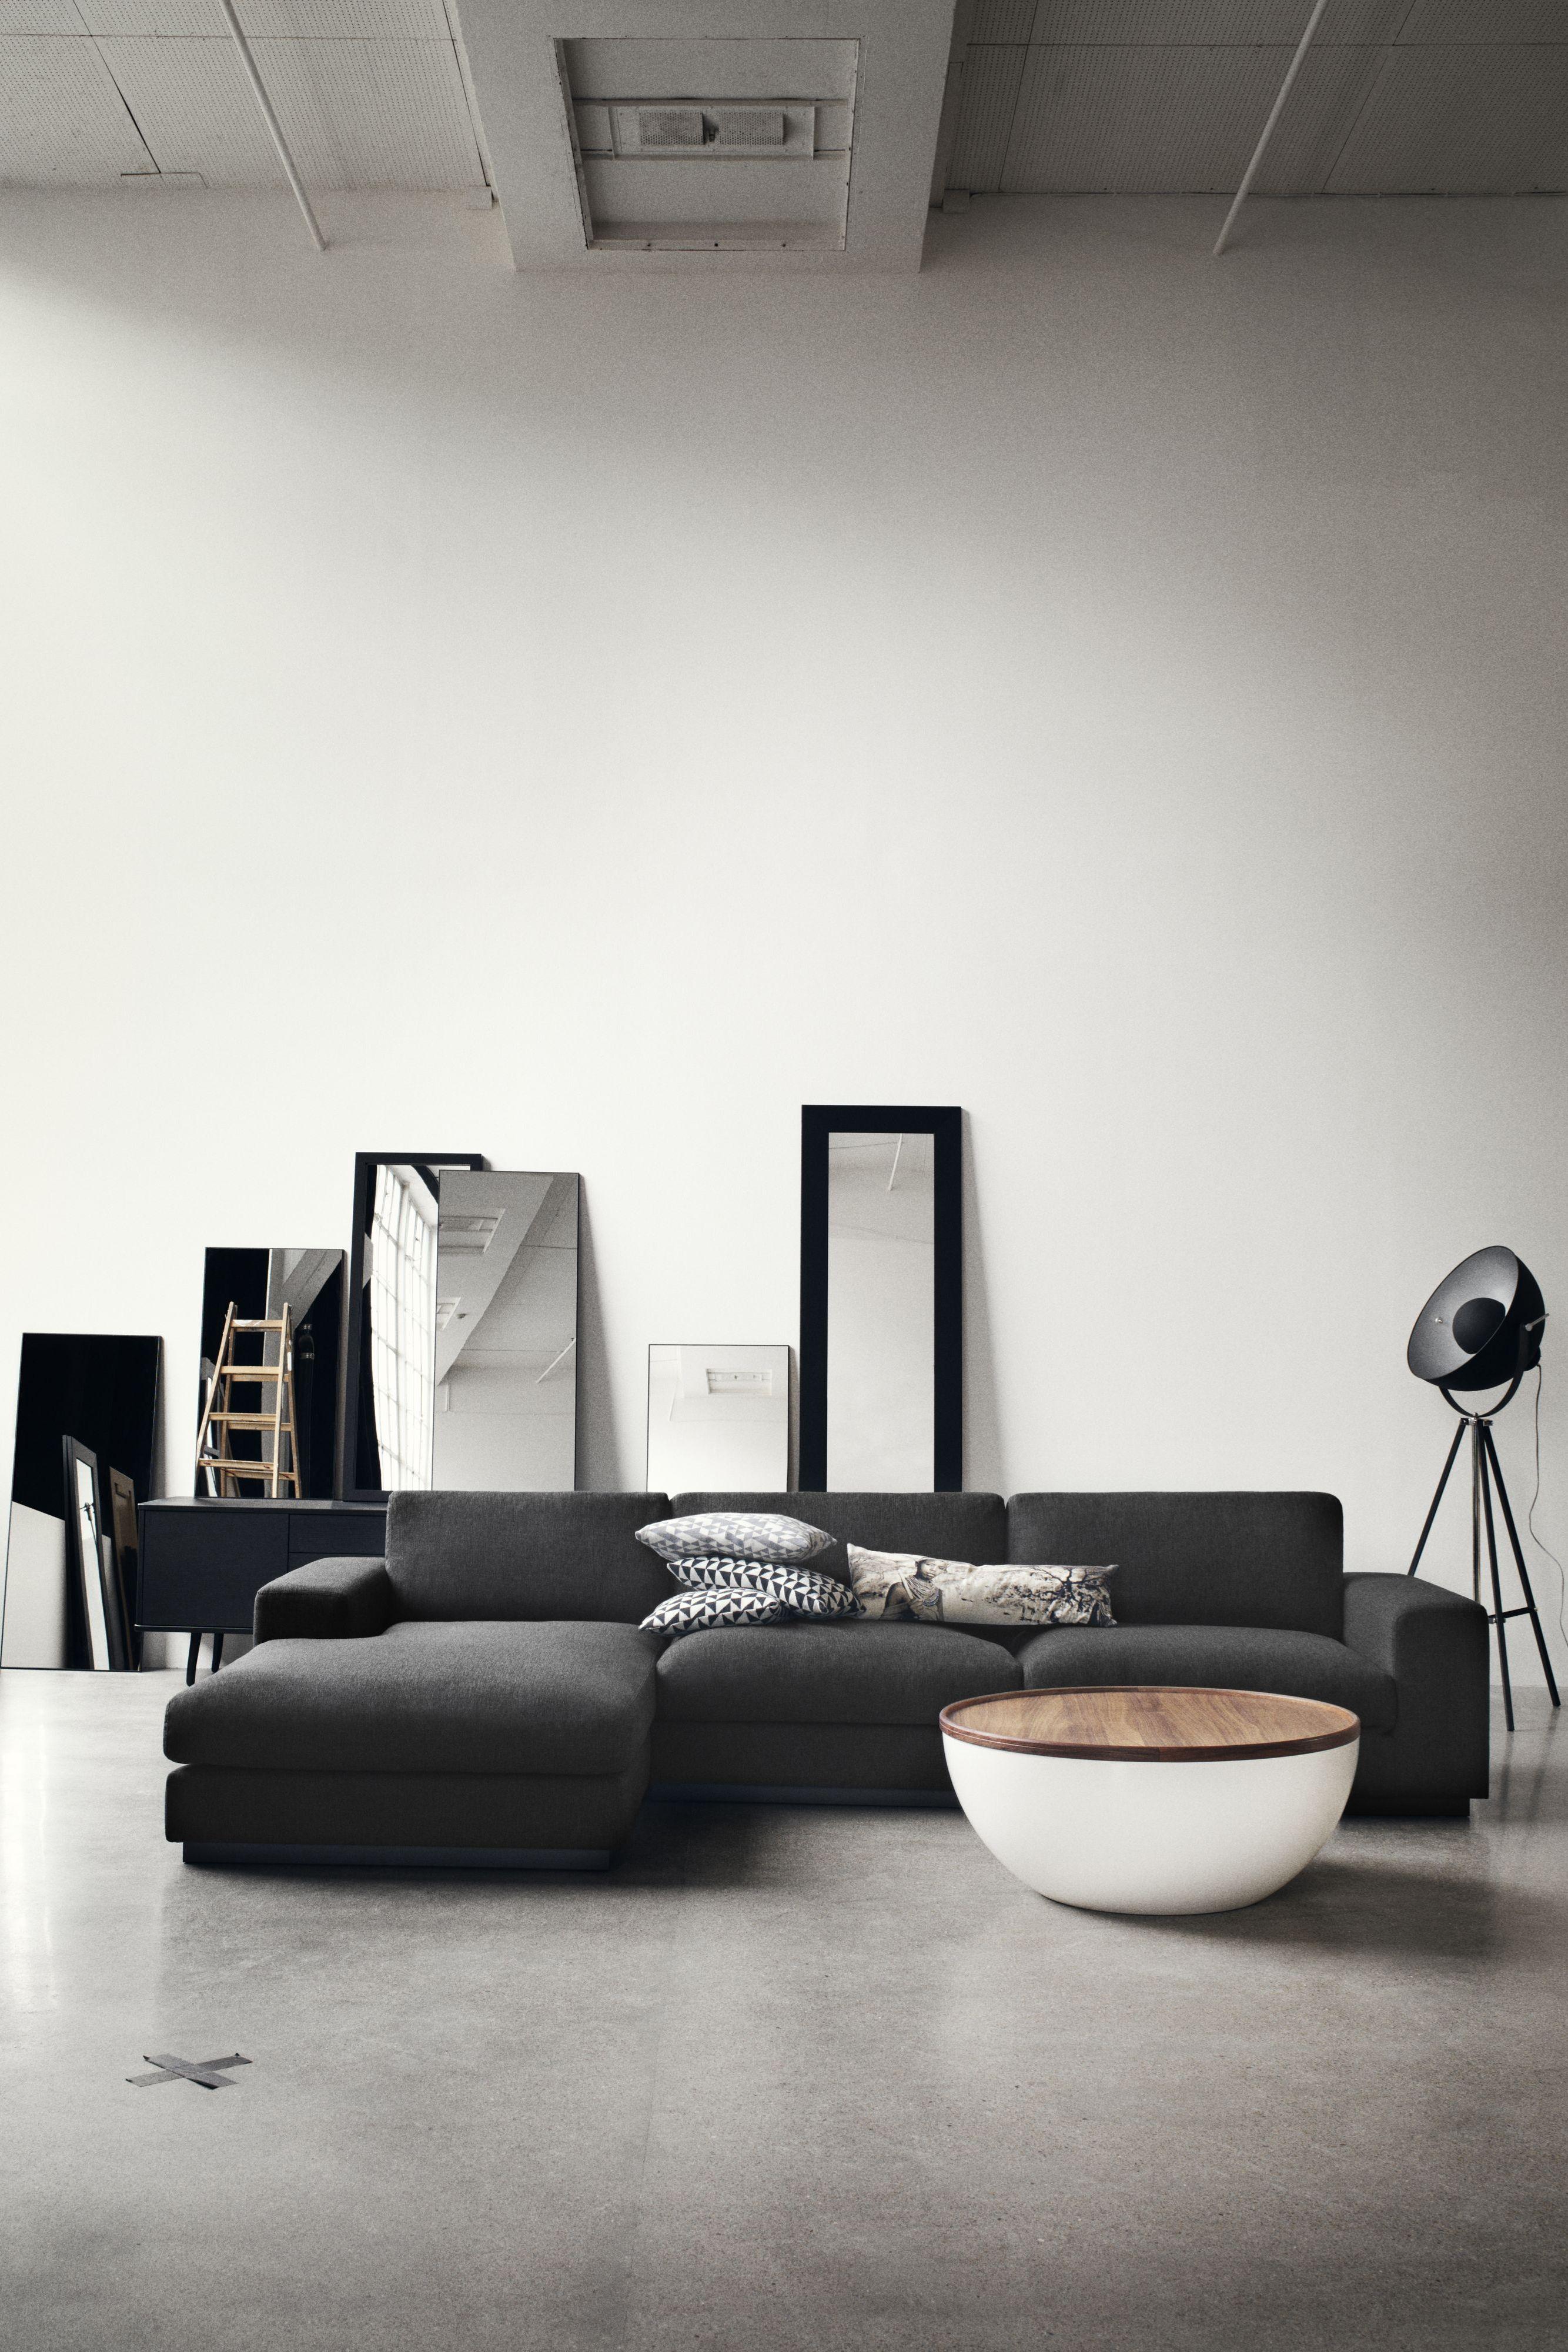 The Sepia Sofa Range Allows You To Bring An Elegant